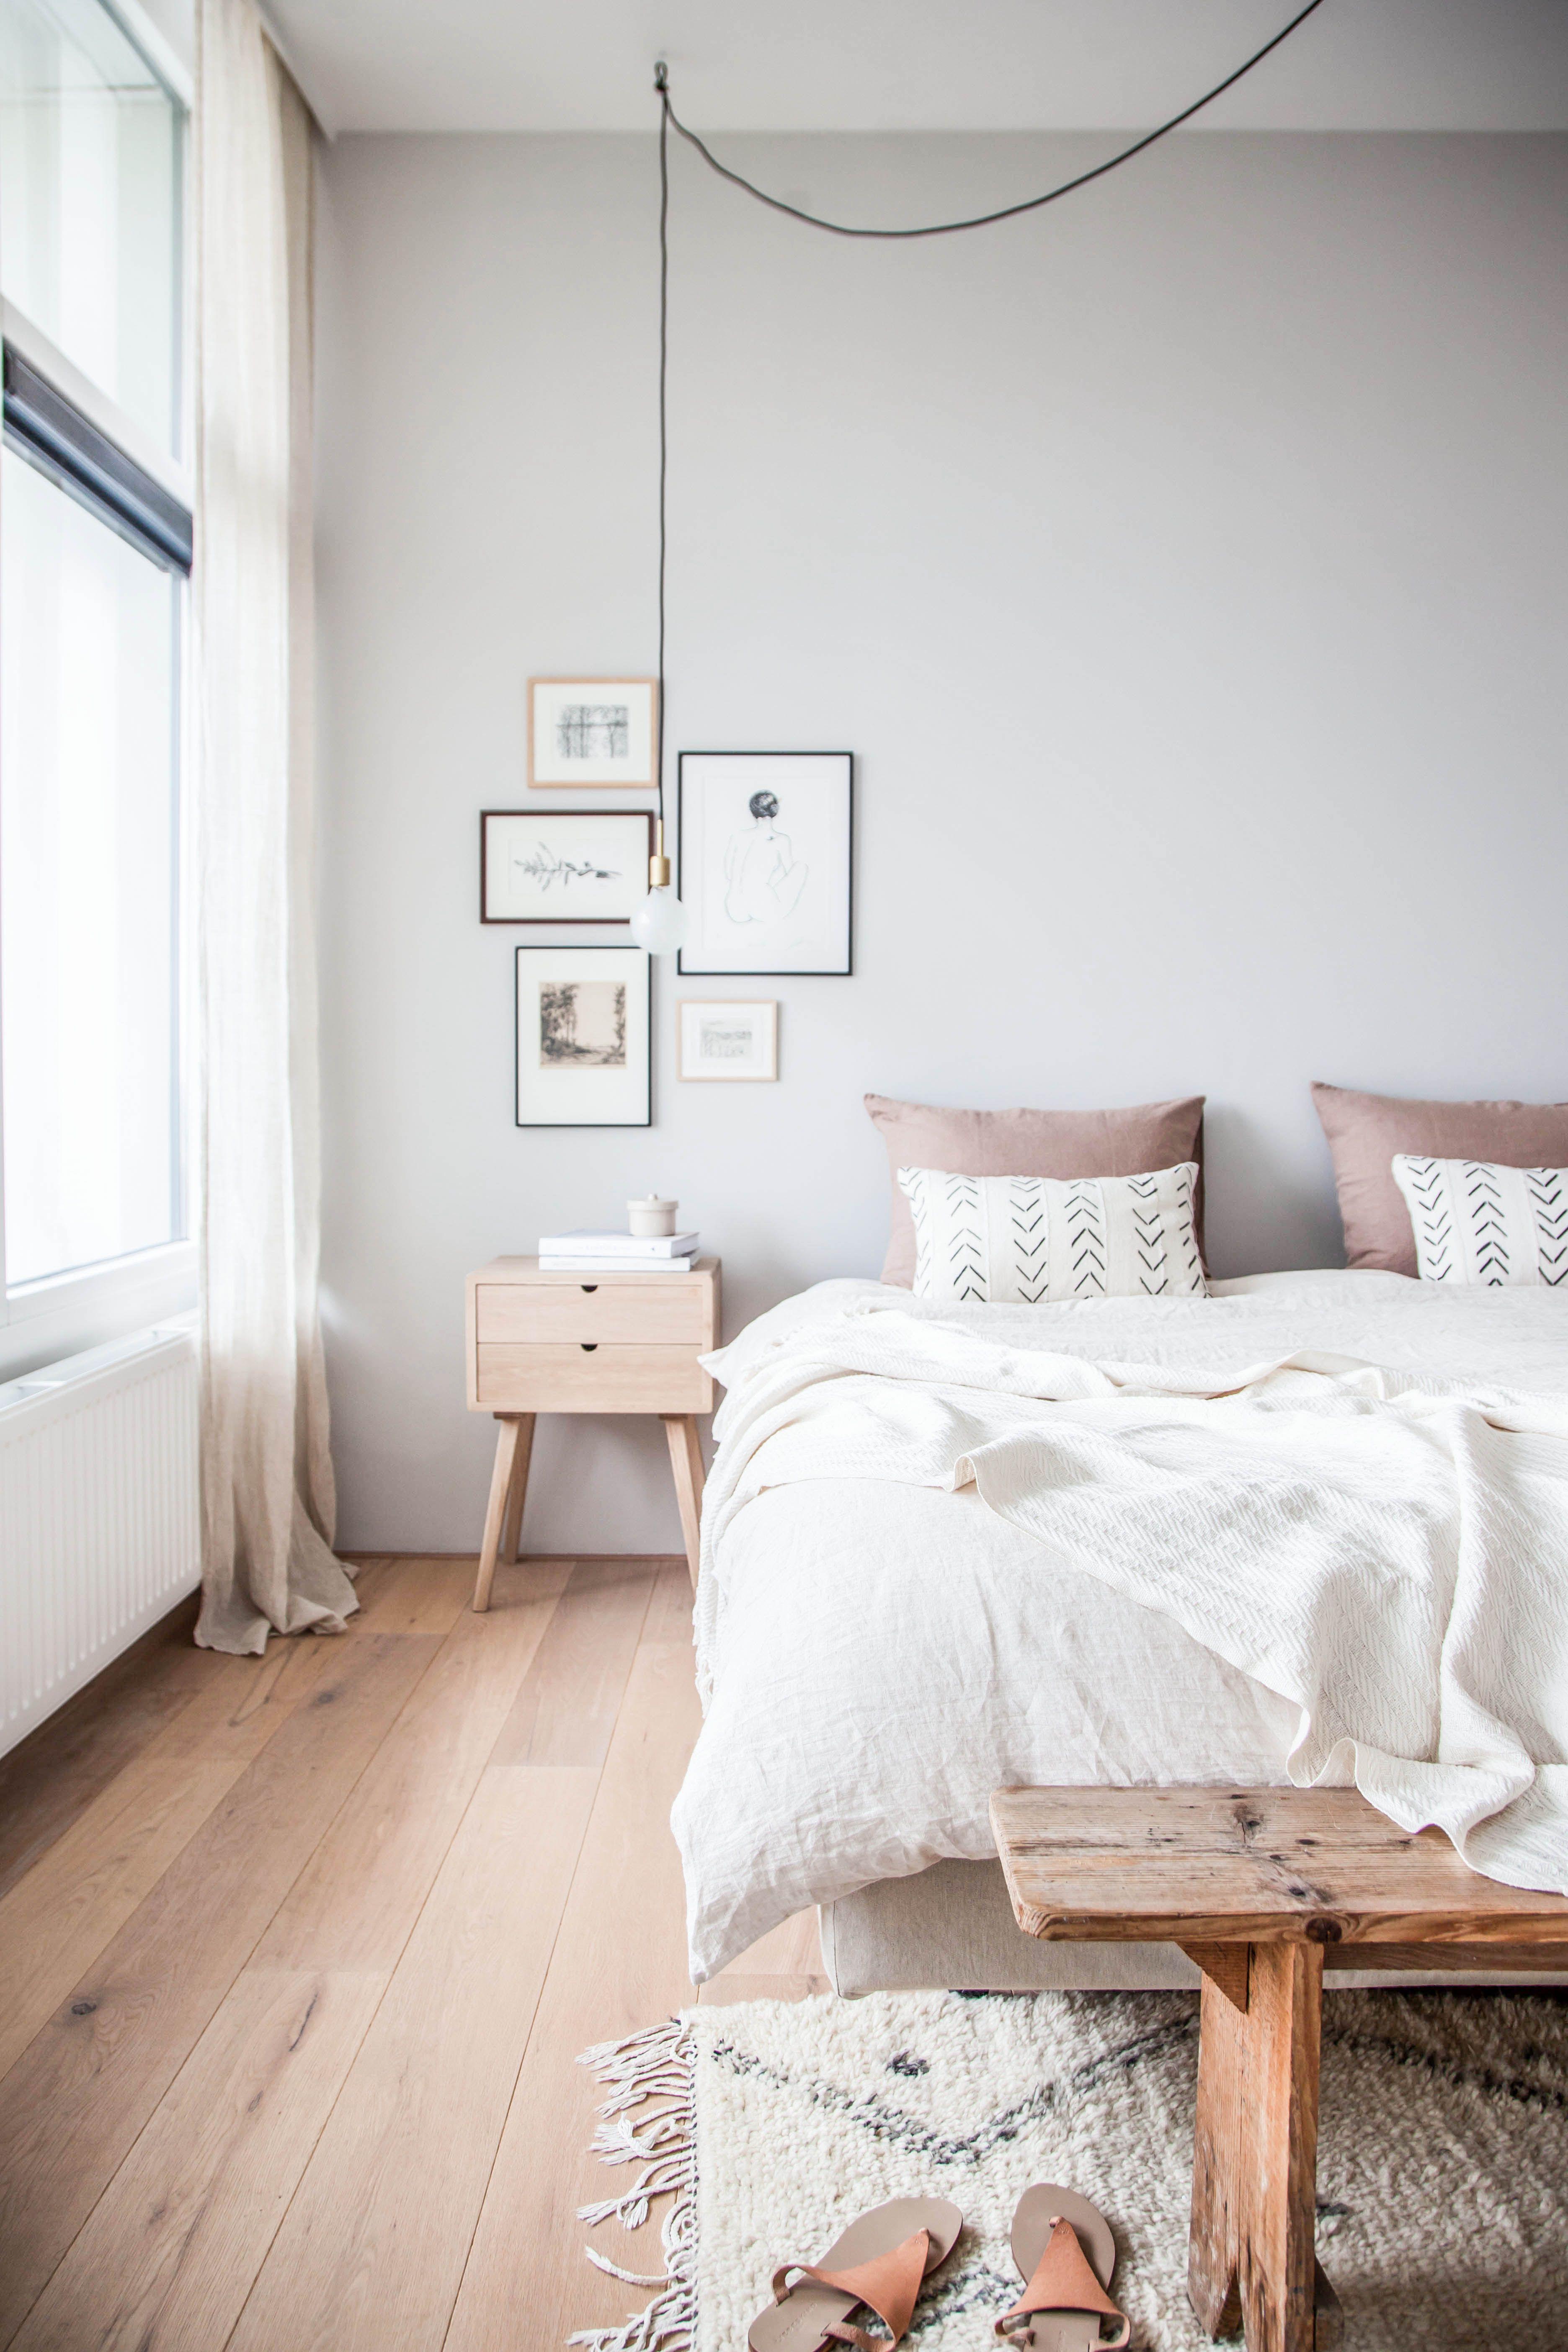 Asiento al pie de la cama. -Owl | Home ❤ | Pinterest | Pies de la ...